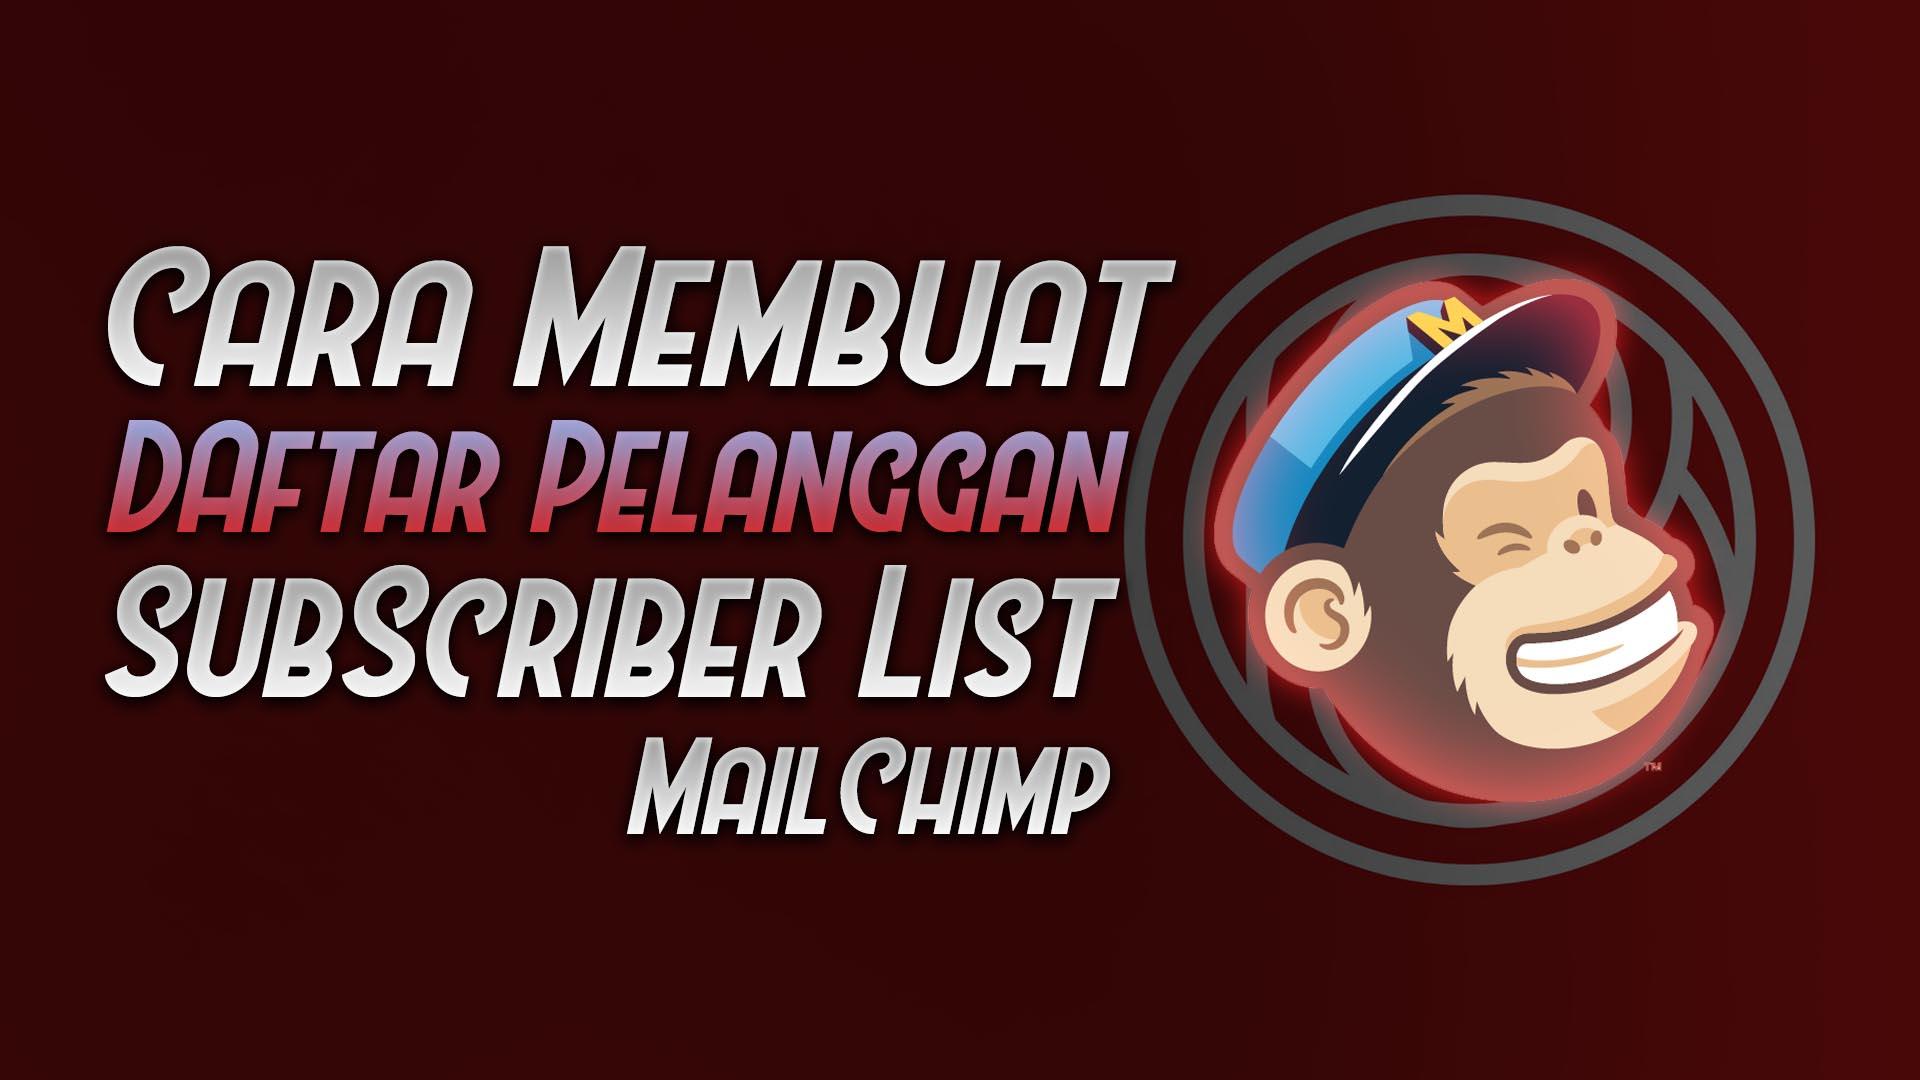 membuat subscriber list daftar pelanggan mailchimp - rio bermano